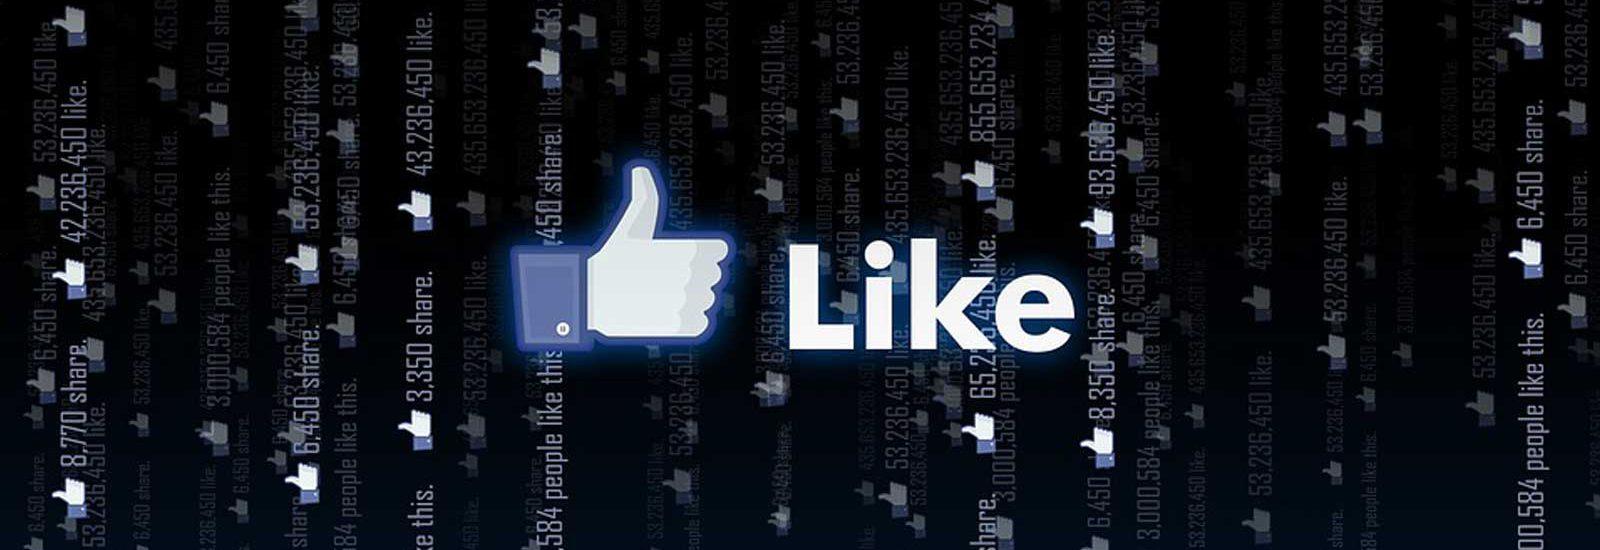 קידום וניהול פייסבוק - סימון וכתובת LIKE של פייסבוק